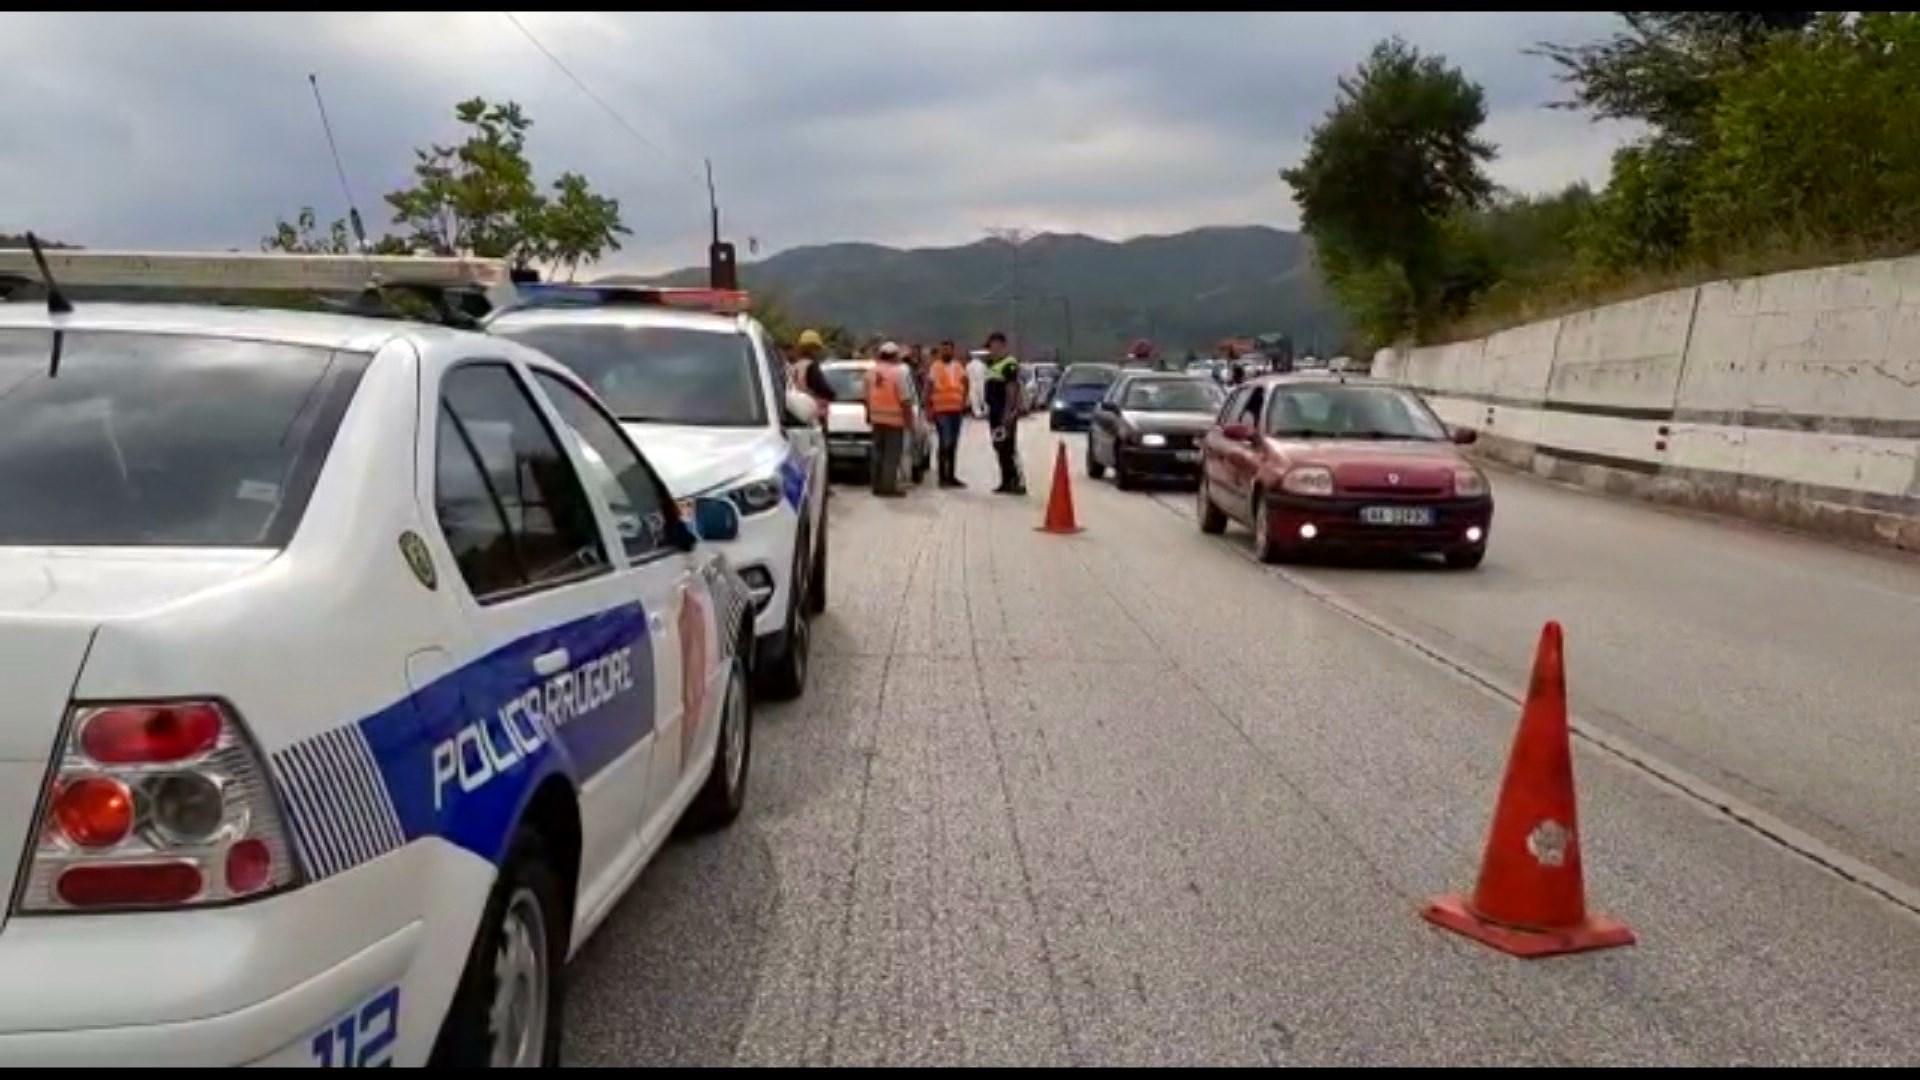 Bilanc lufte në rrugët e Shqipërisë, 39 të vdekur nga aksidentet në muajt shtator-tetor